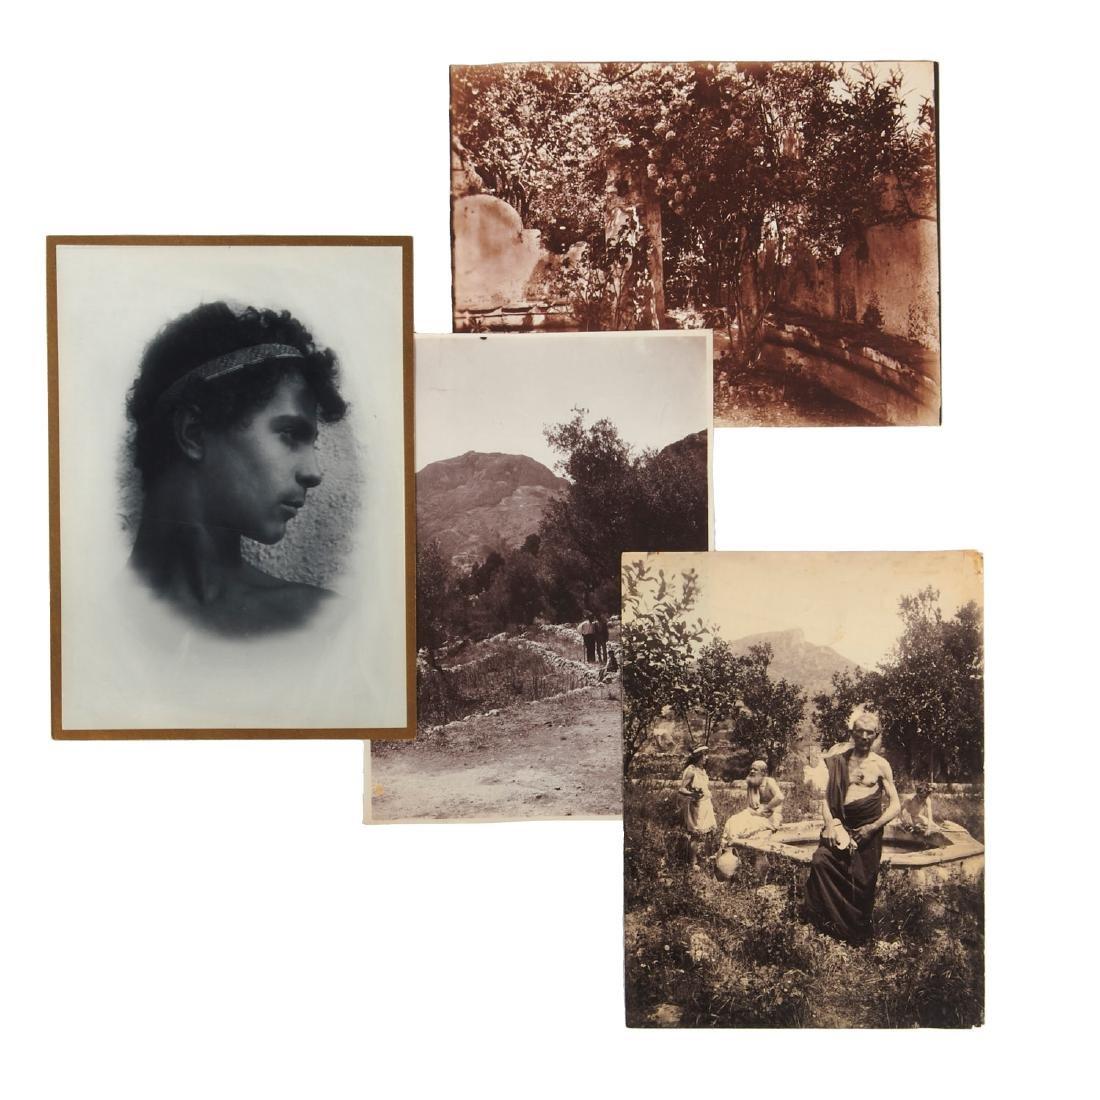 Wilhelm von Gloeden, (4) photographs